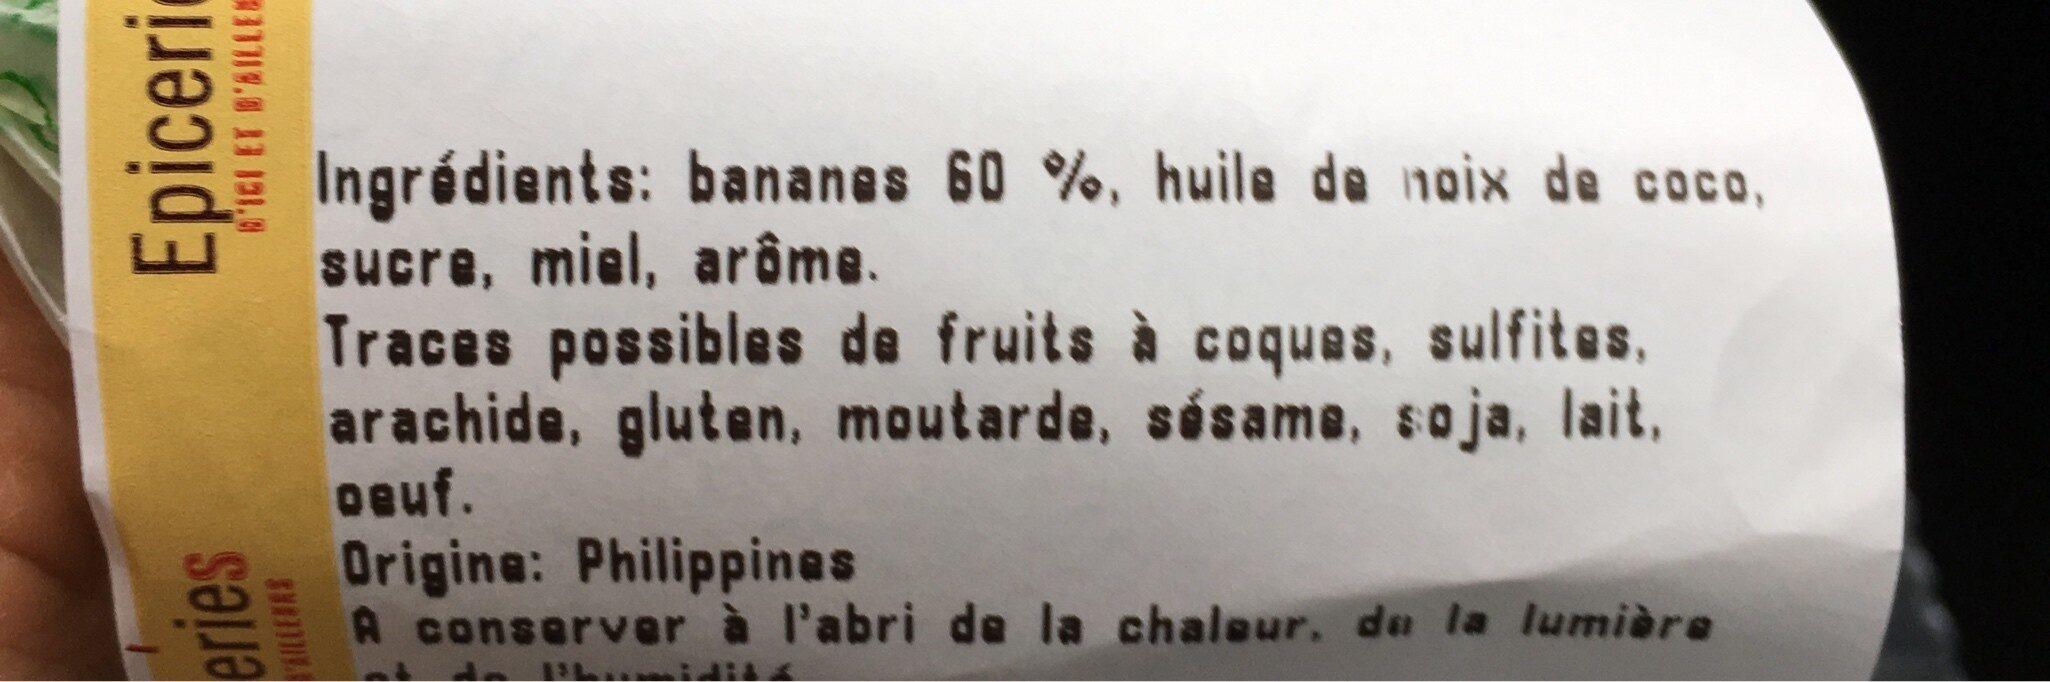 Banane chips - Ingredients